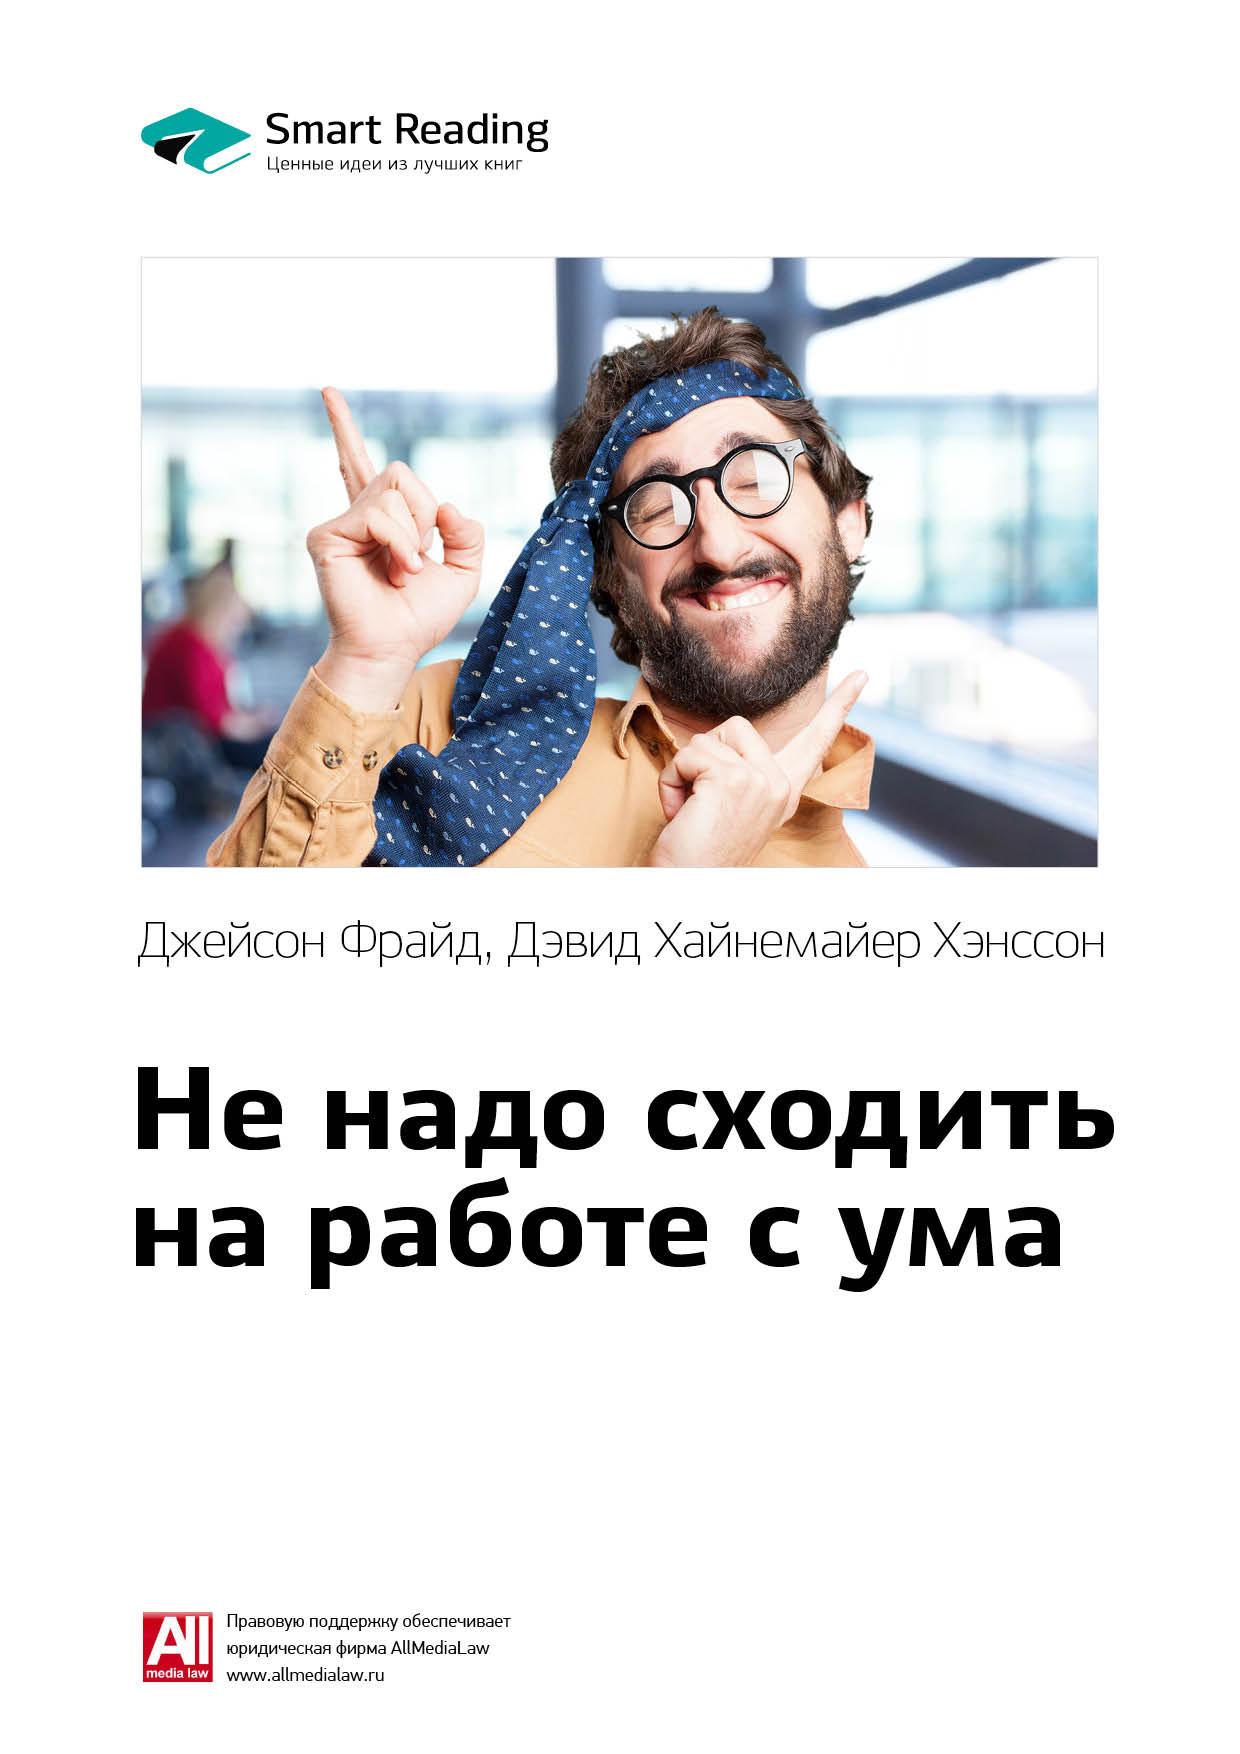 Купить книгу Ключевые идеи книги: Не надо сходить на работе с ума. Джейсон Фрайд, Дэвид Хайнемайер Хенссон, автора М. С. Иванова